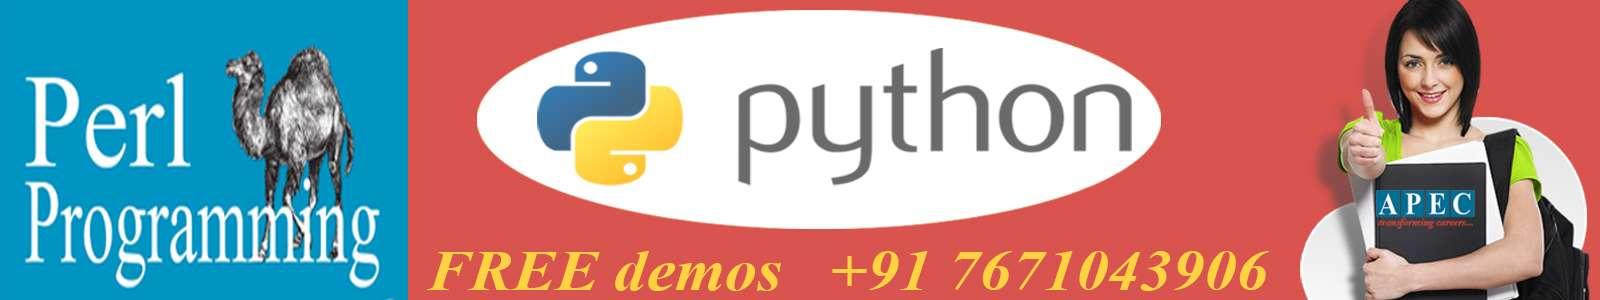 PYTHON-PERL-PEGA